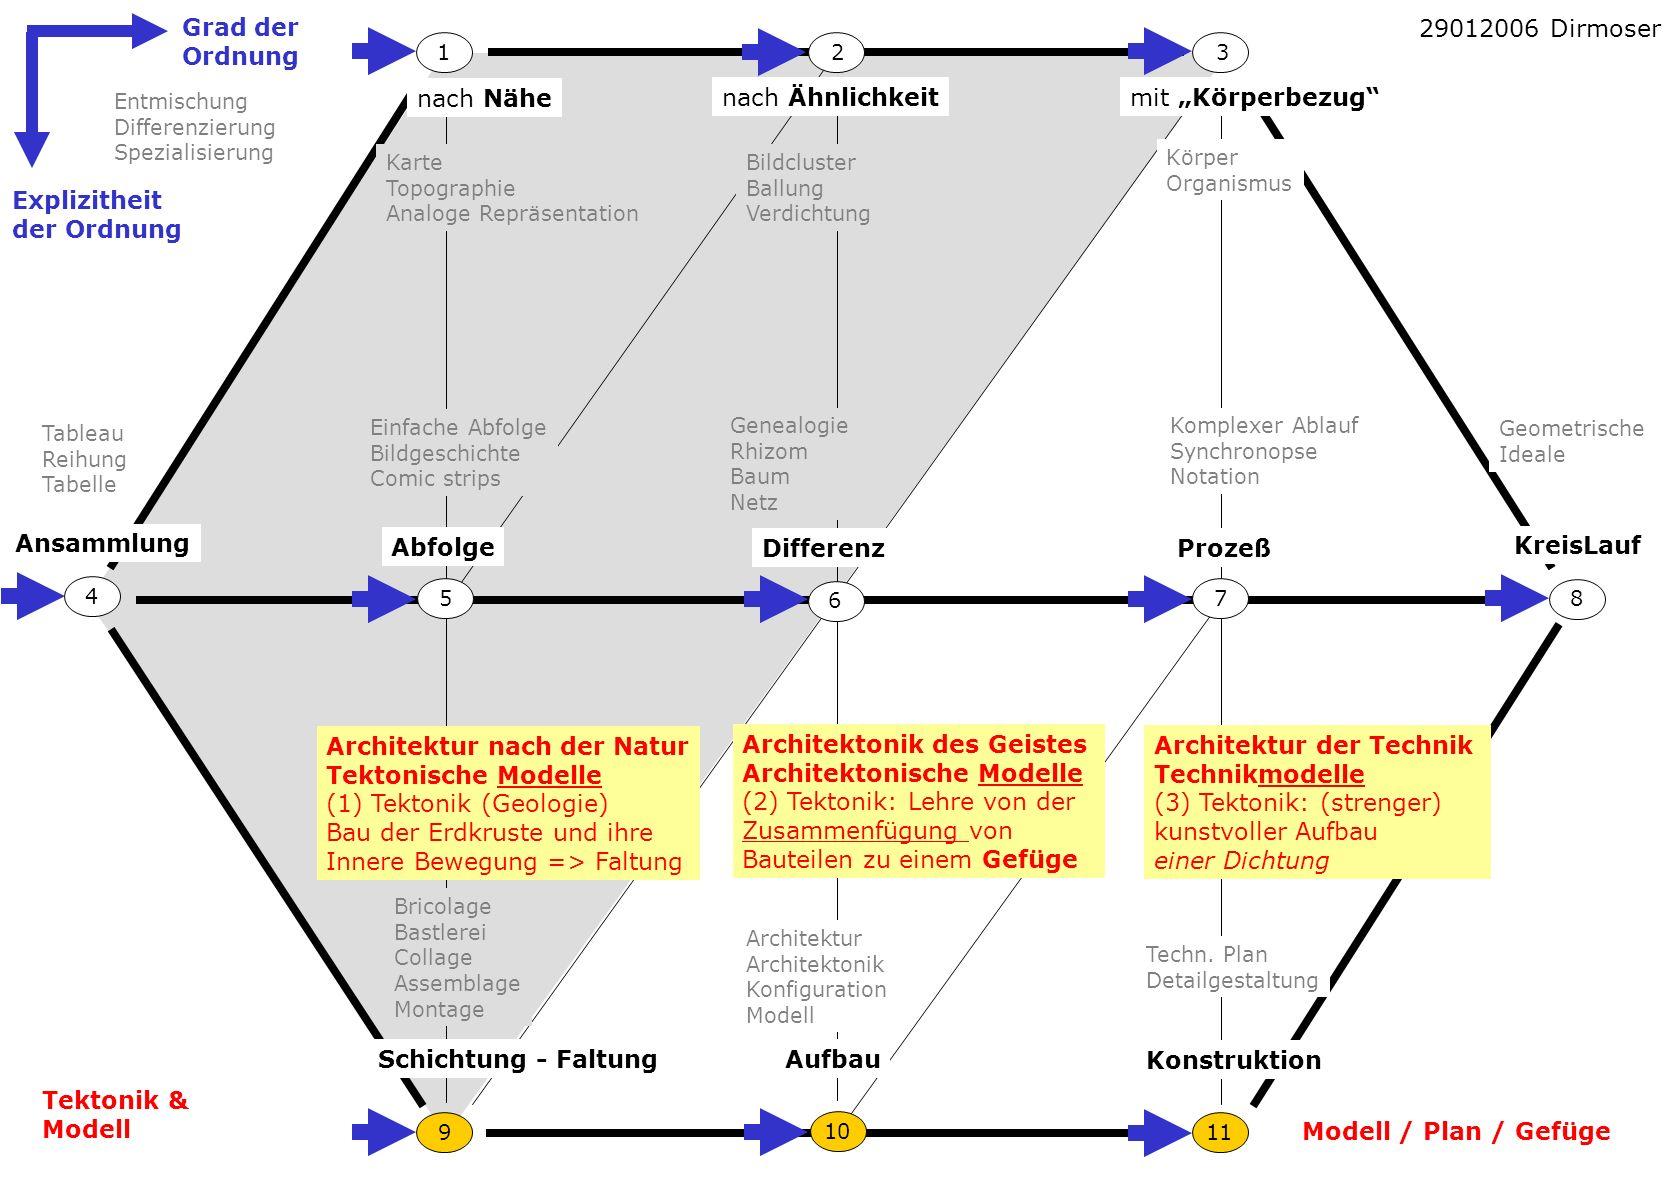 Architektur nach der Natur Tektonische Modelle (1) Tektonik (Geologie)